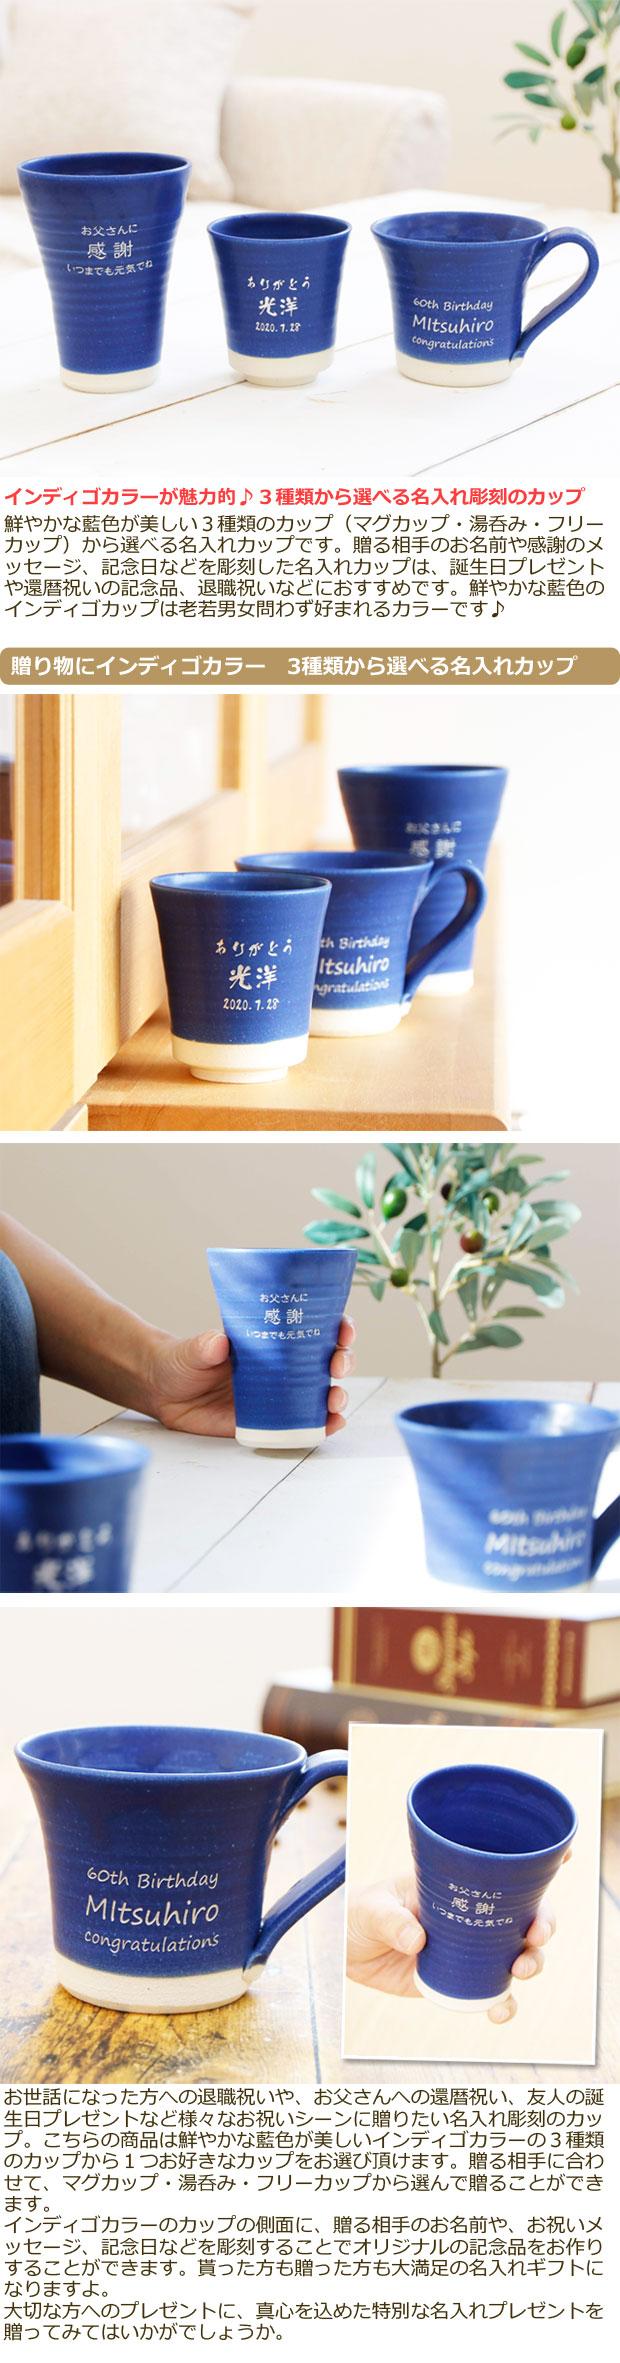 鮮やかな藍色が美しい3種類のカップ(マグカップ・湯呑み・フリーカップ)から選べる名入れカップです。